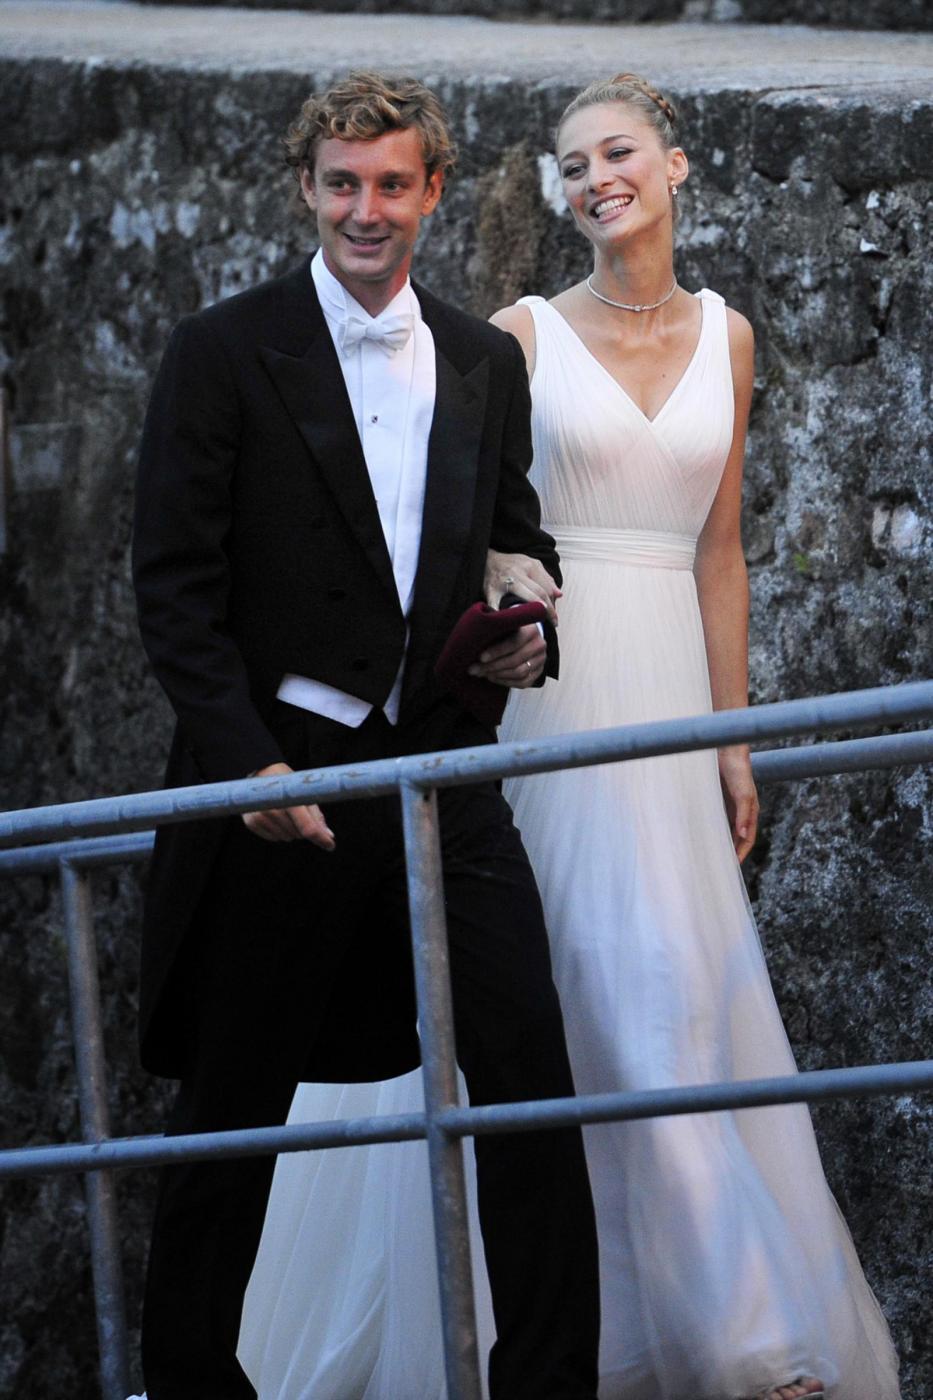 new styles 6c2be f9c59 Beatrice Borromeo, abito da sposa firmato Armani. Le FOTO 3 ...